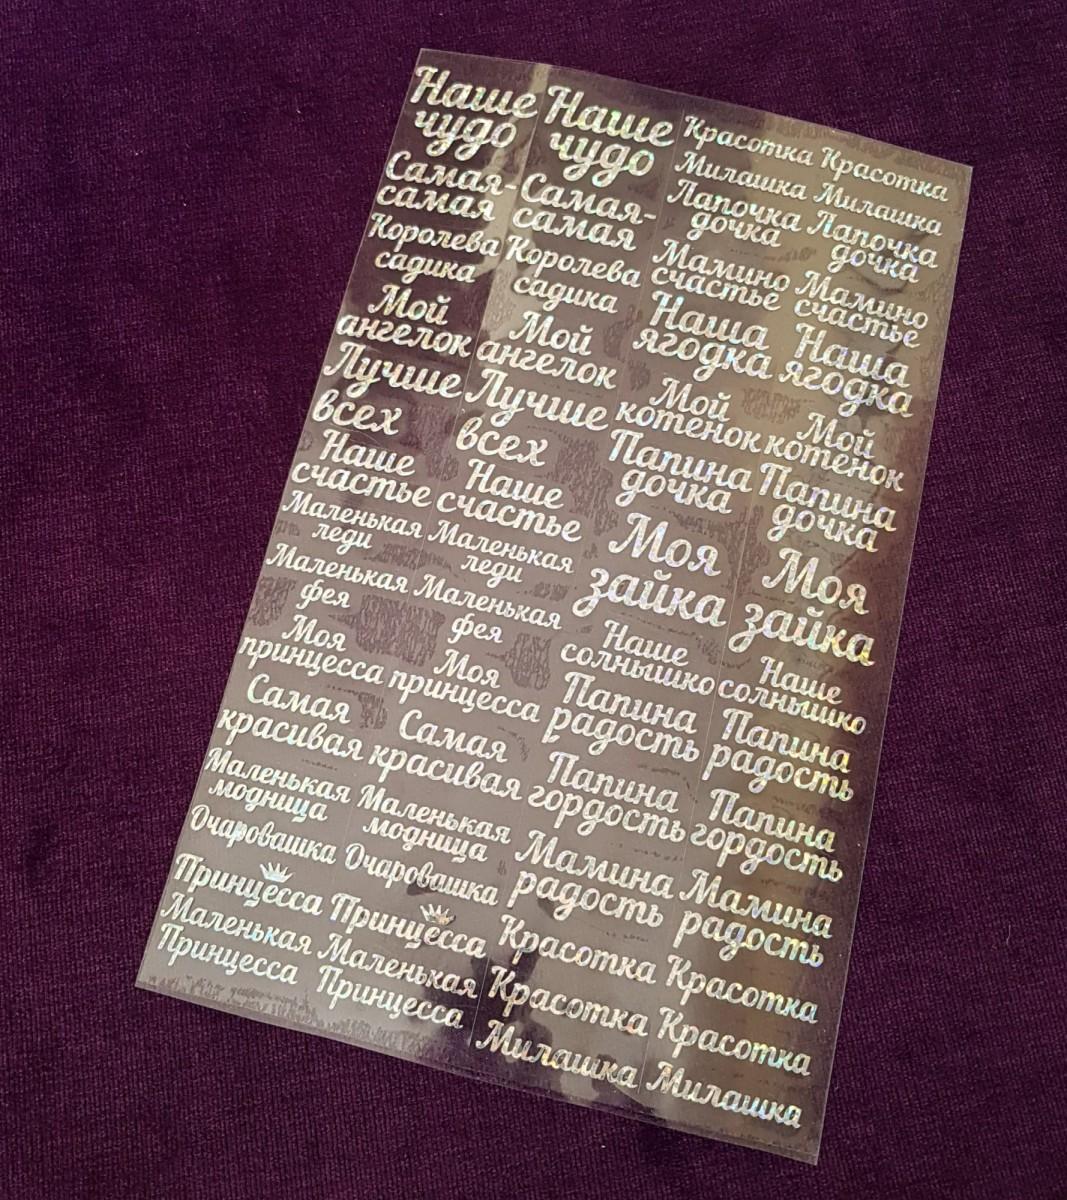 """Набор надписей для бантиков """"Наше чудо"""" + """"Красотка"""" 29 парных надписей размером  +/-3см голограмма серебро (другие цвета выбирайте ниже)"""